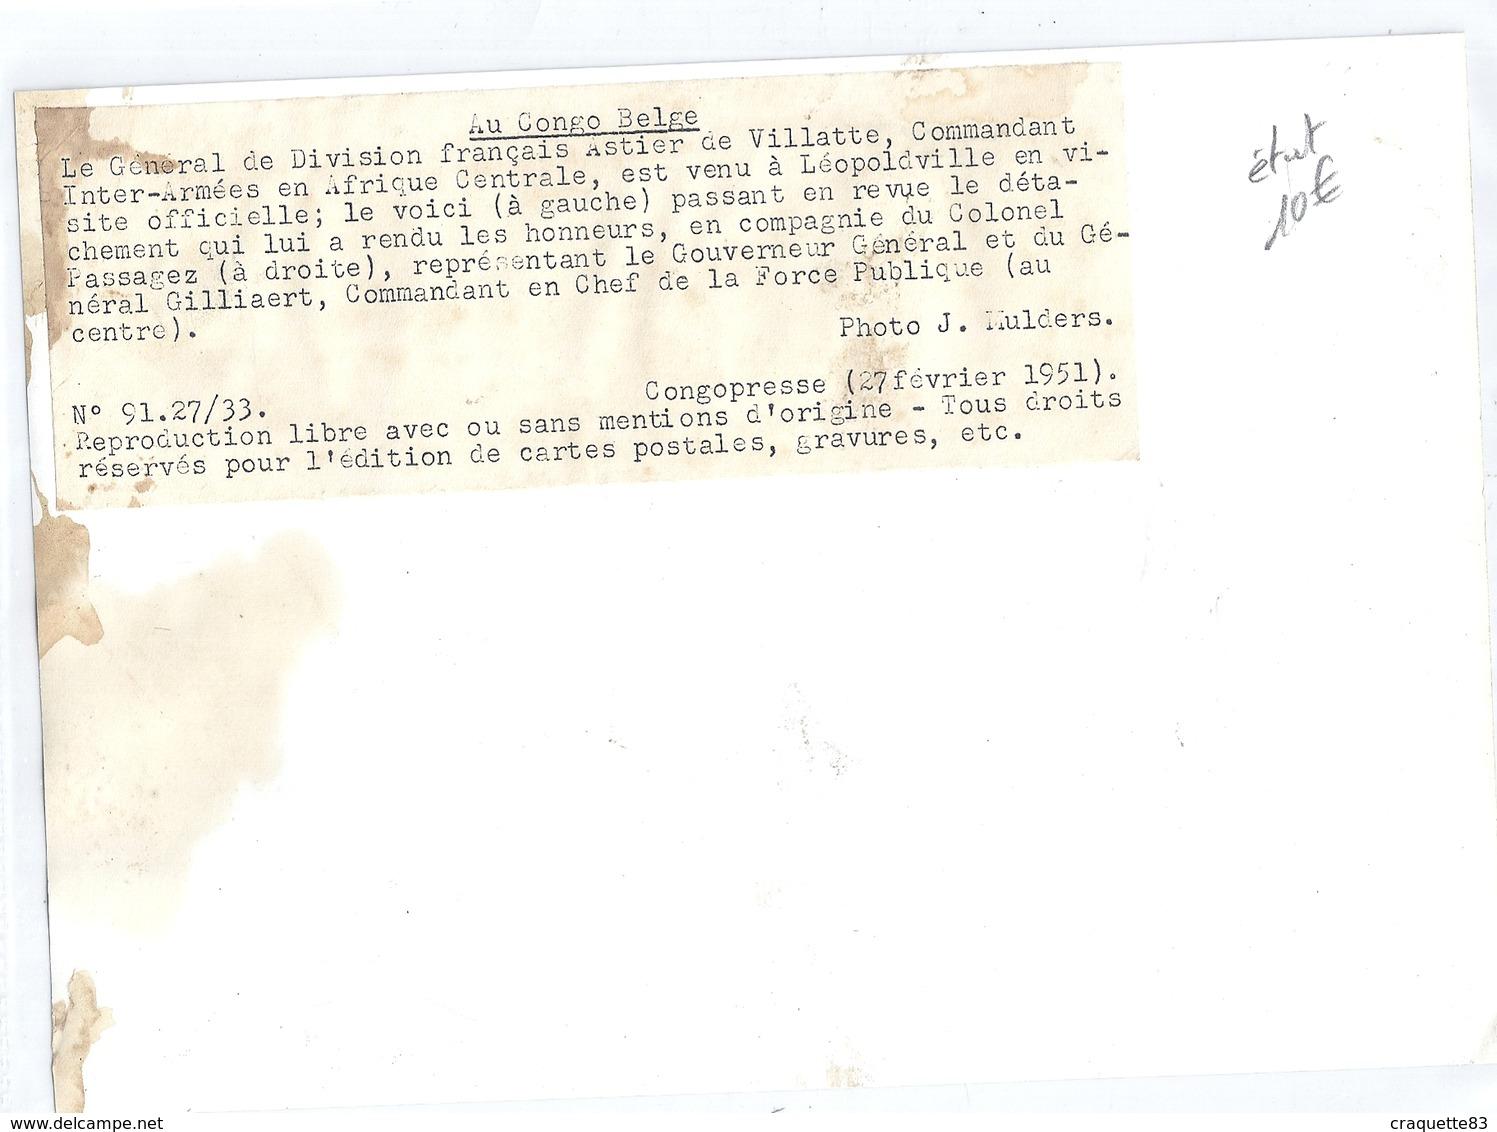 CONGO BELGE- LEOPOLDVILLE, Gal DE DIV. FRANCAIS ASTIER DE VILLATTE COMMANDANT - CONGOPRESSE Fevrier 1951 - Guerra, Militares